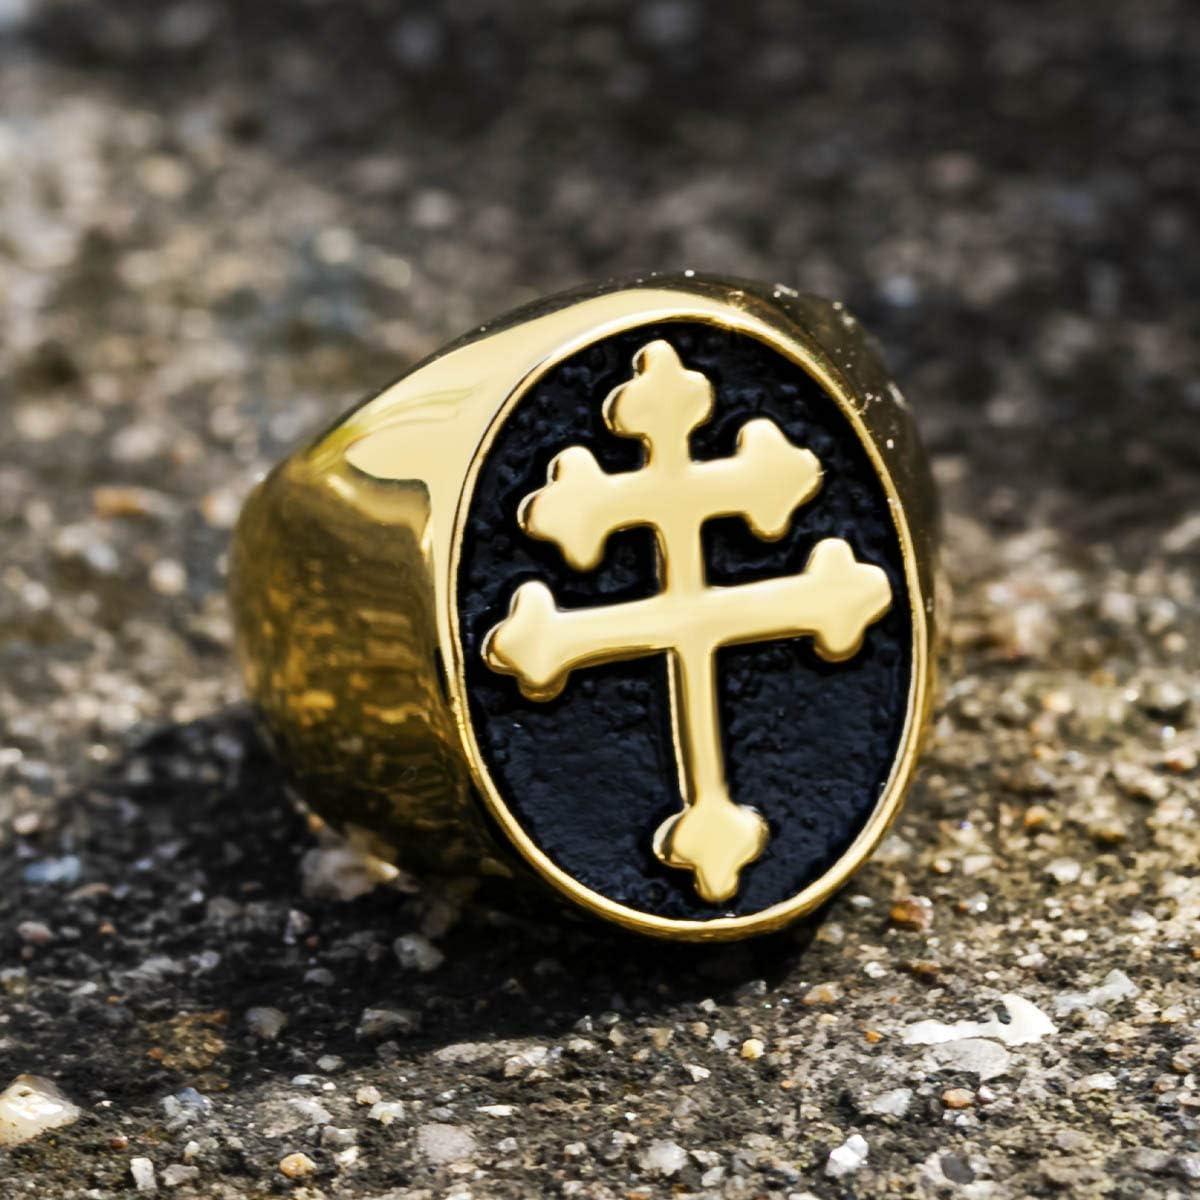 Valily Uomo Anello Croce di Lorena Acciaio Inossidabile Anello con Sigillo Taglia da 14 a 30